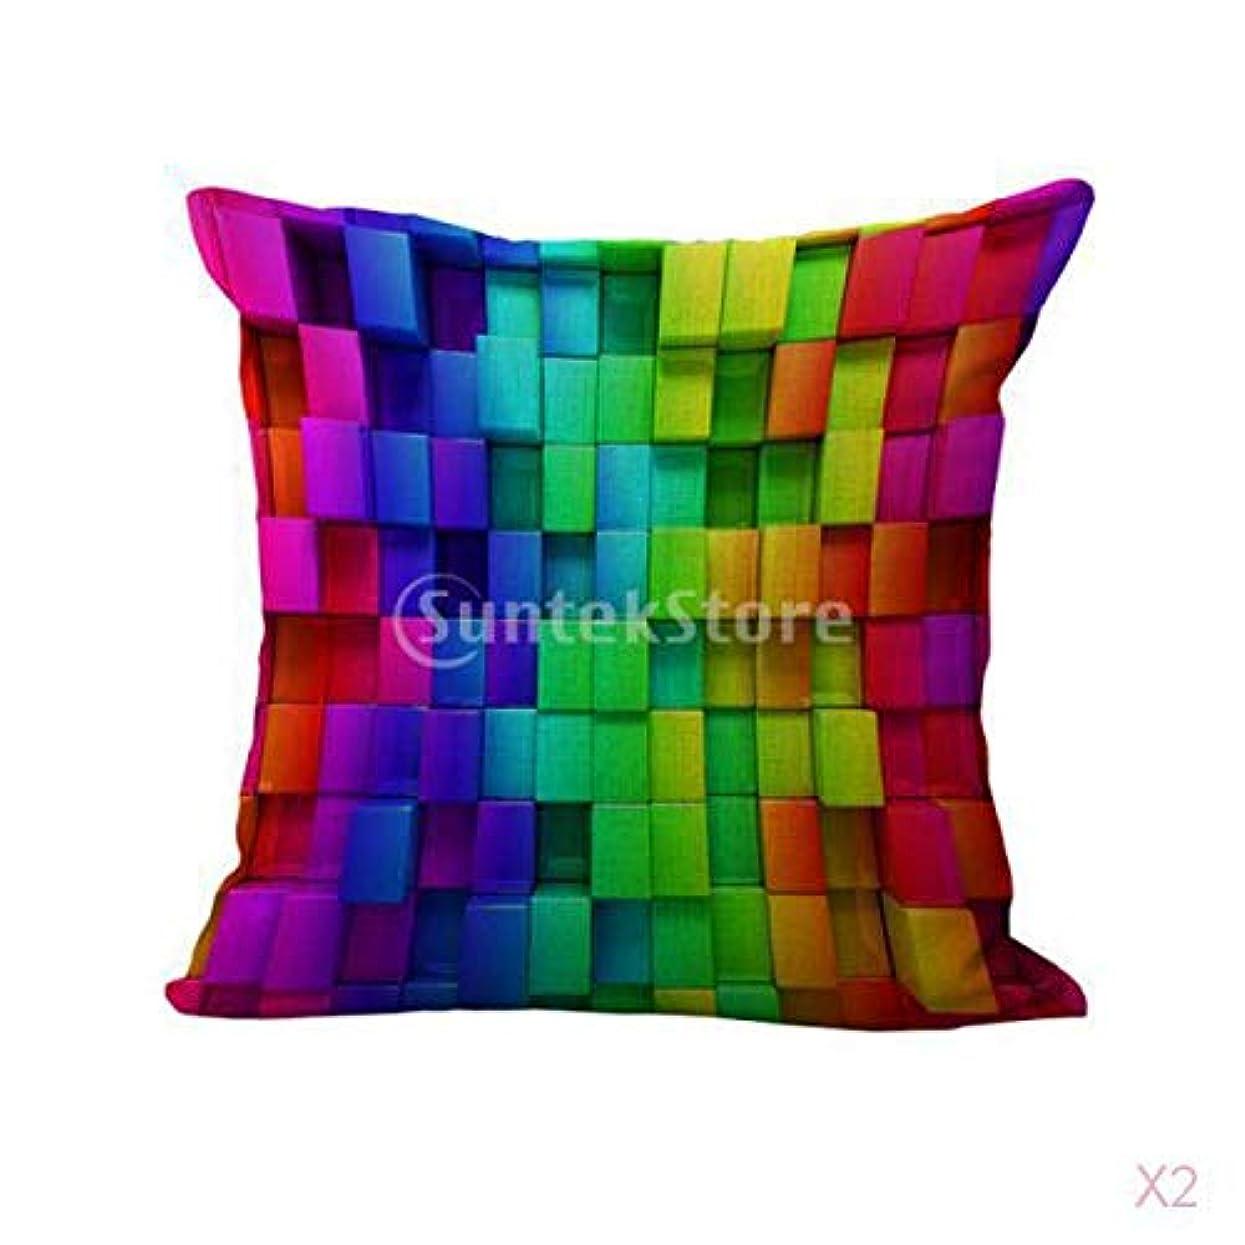 正当化するラップ抵当織グリッドプリントコットンリネンスローピローケース虹クッションカバー装飾